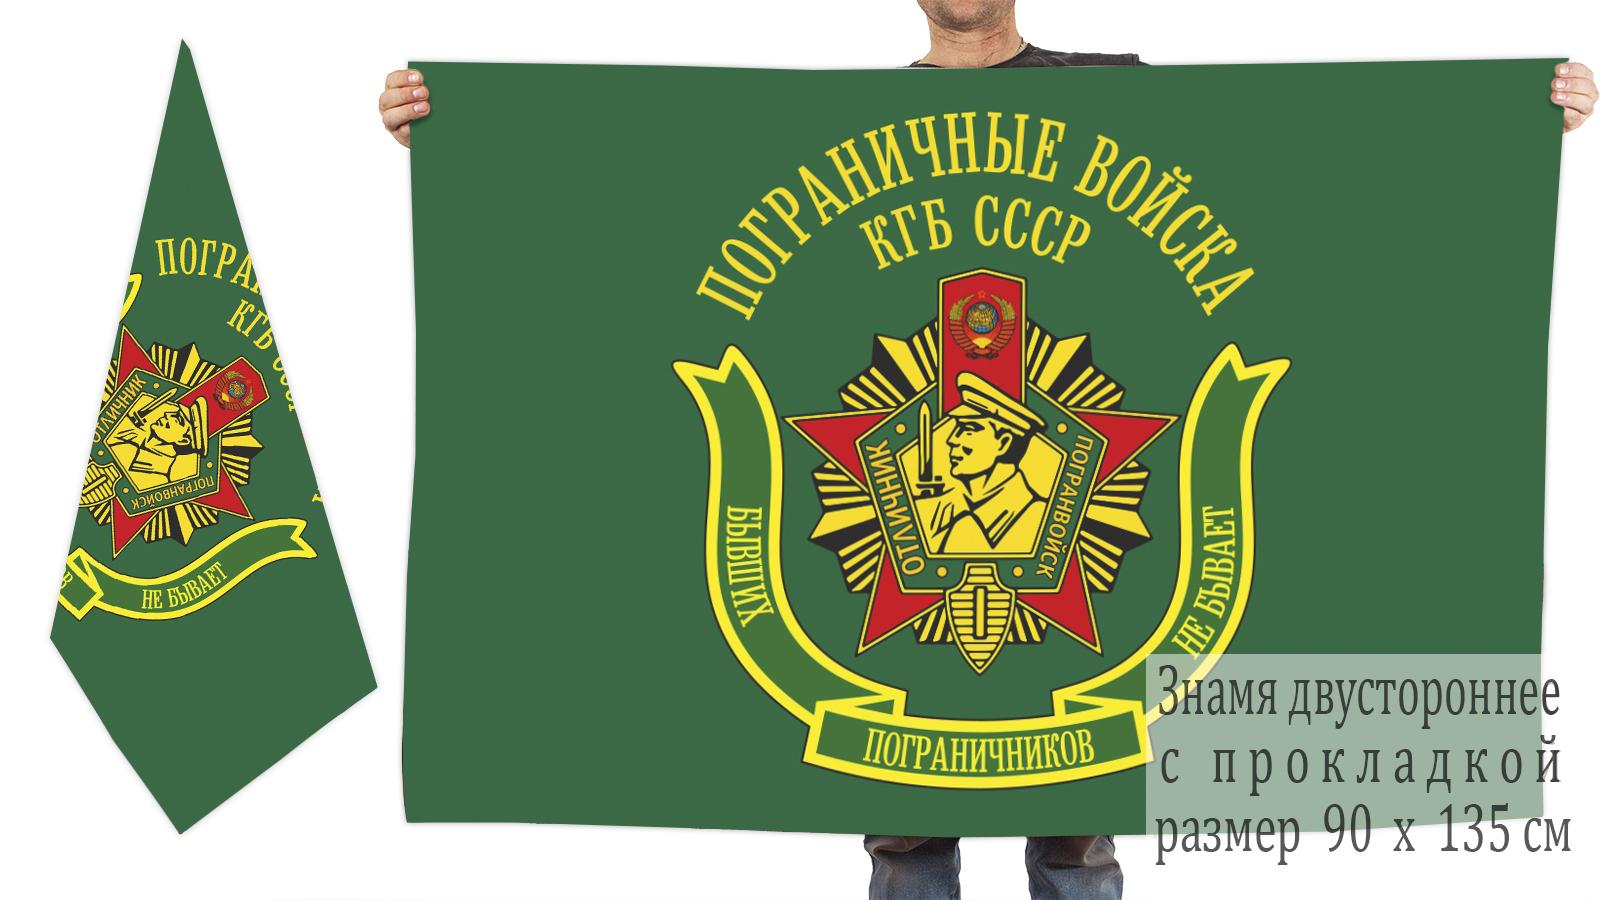 Двусторонний флаг пограничных войск КГБ Советского Союза